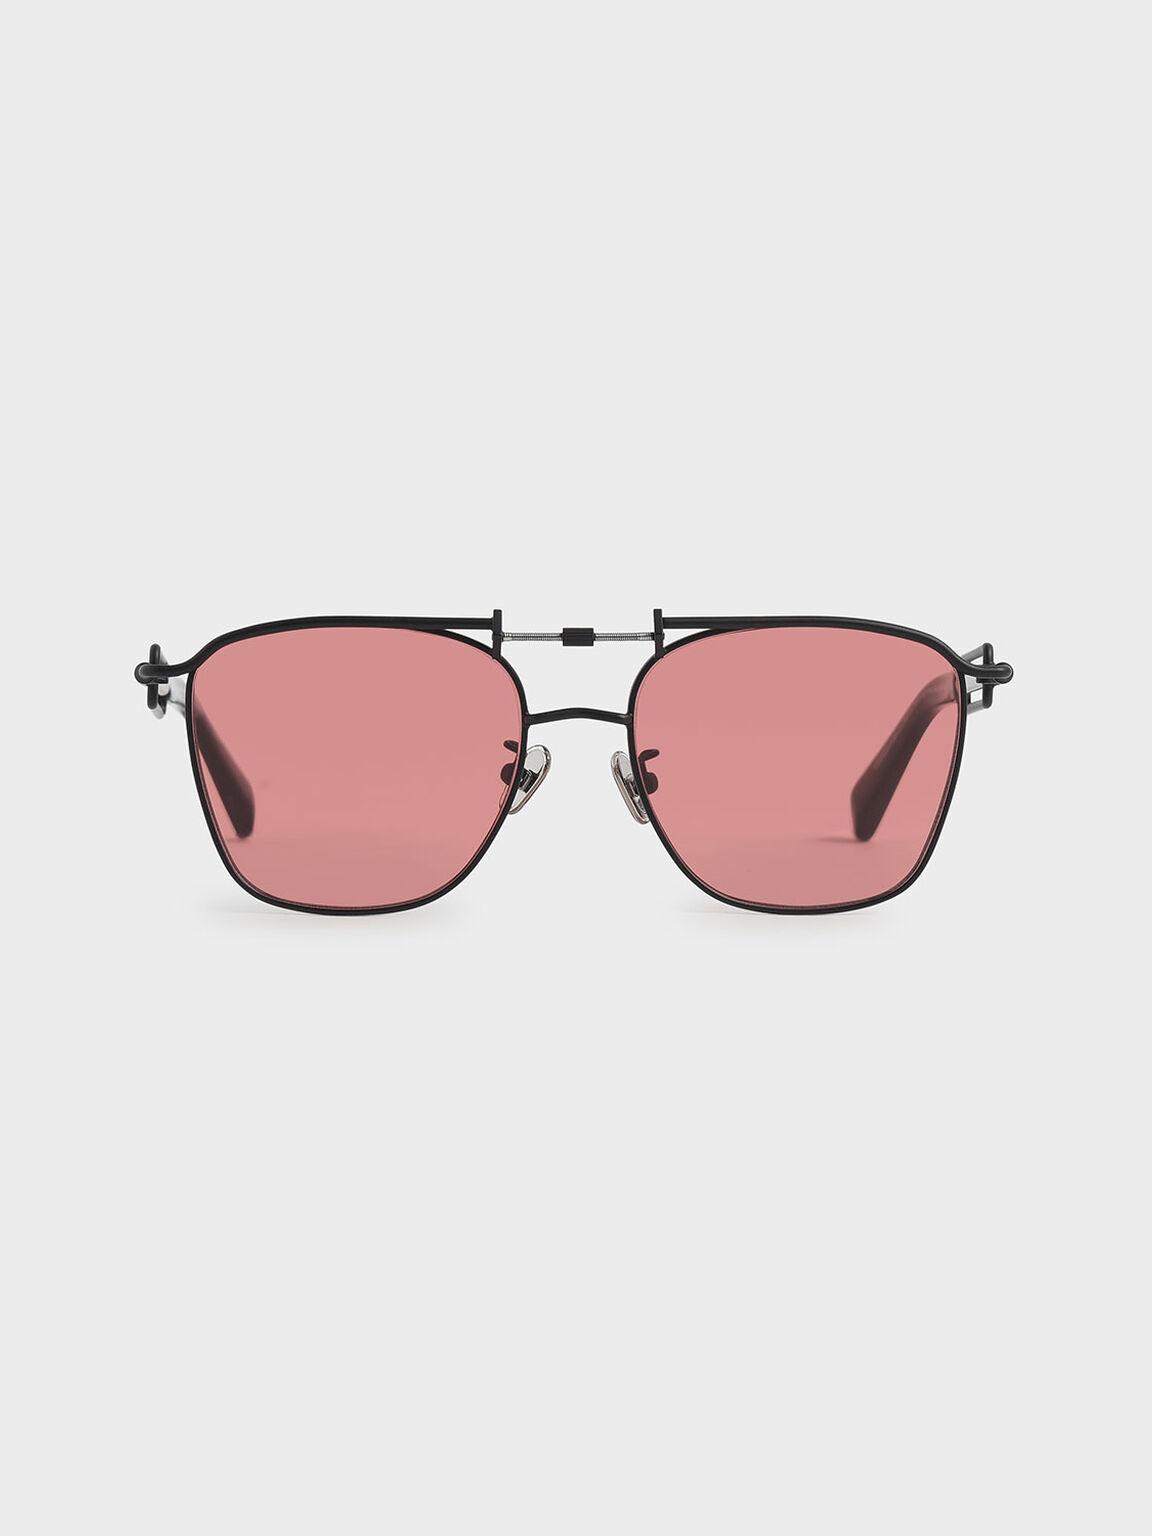 立體框飛行員墨鏡, 紅色, hi-res